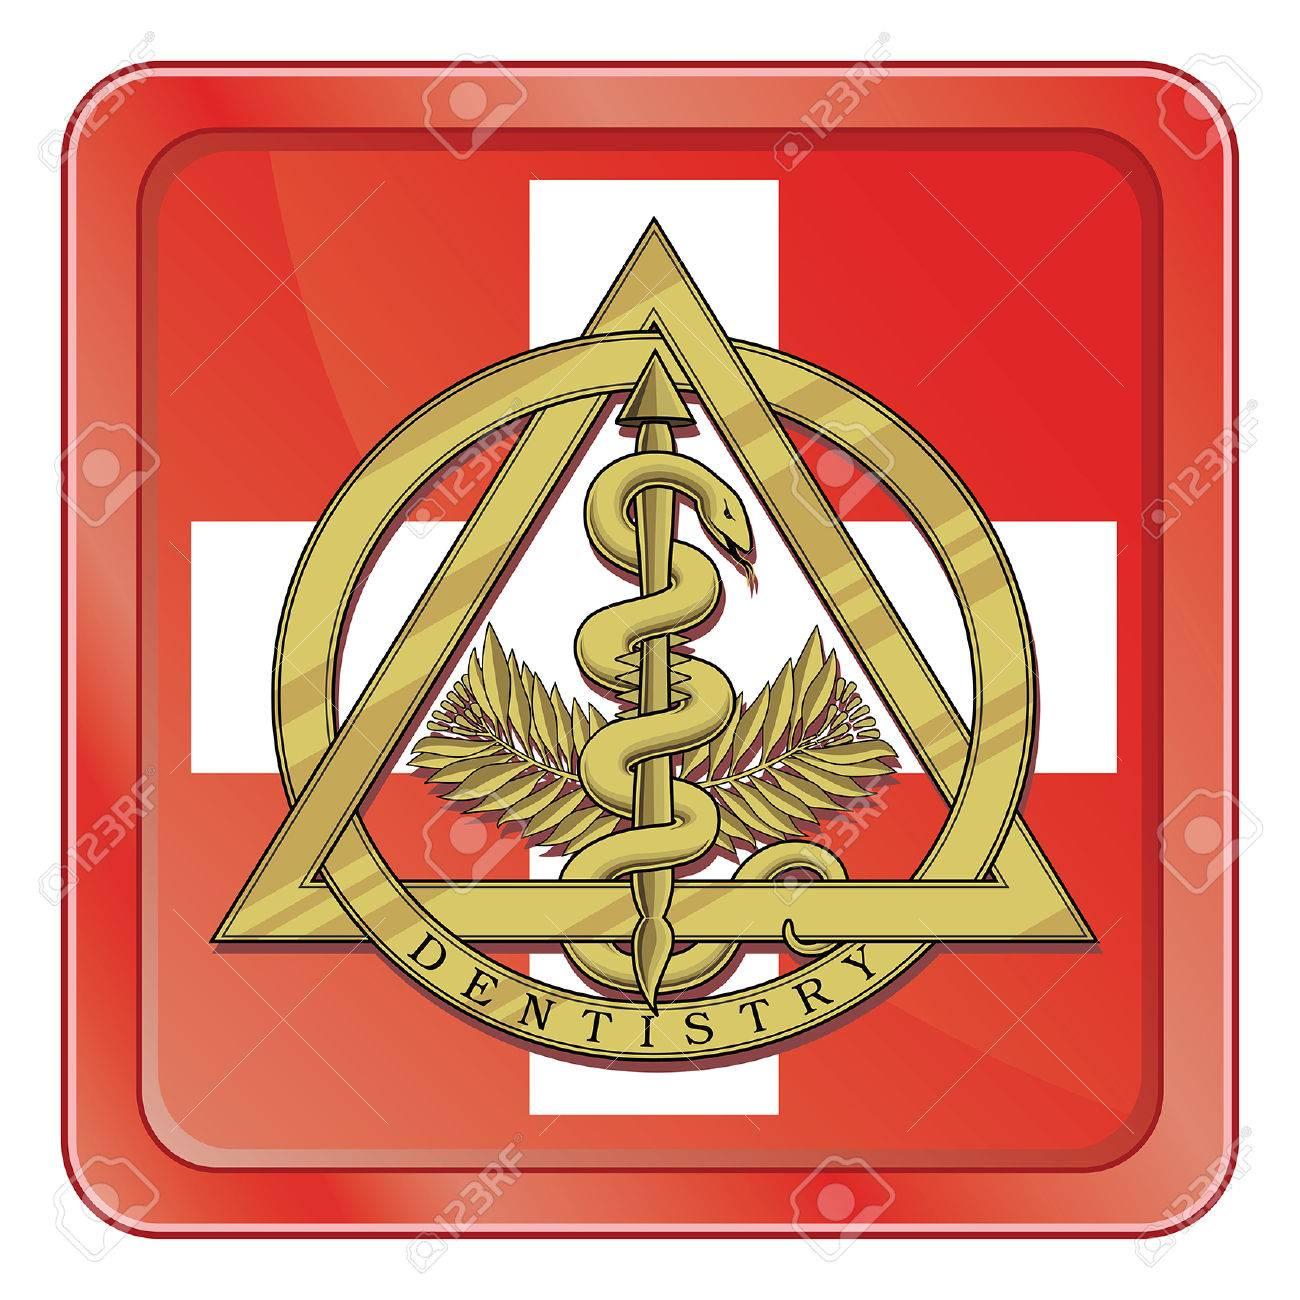 dental emergency symbol is